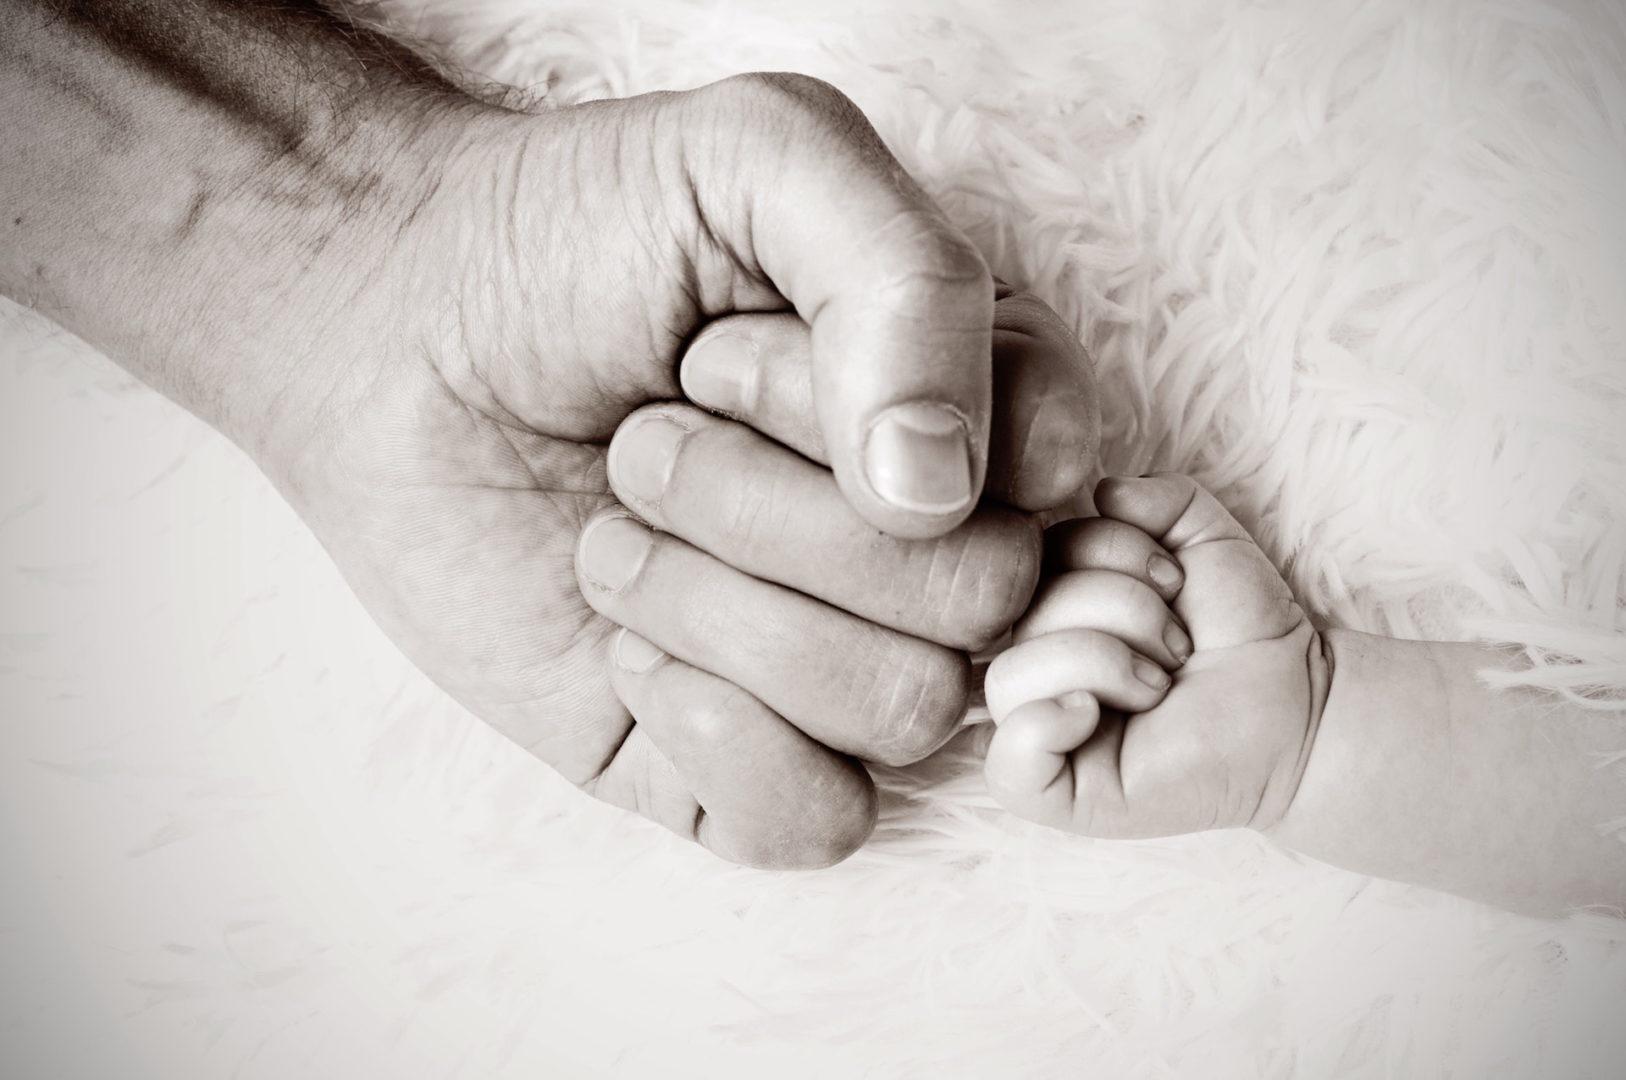 Codici Affettivi: Perché Anche un Papà può Essere Materno